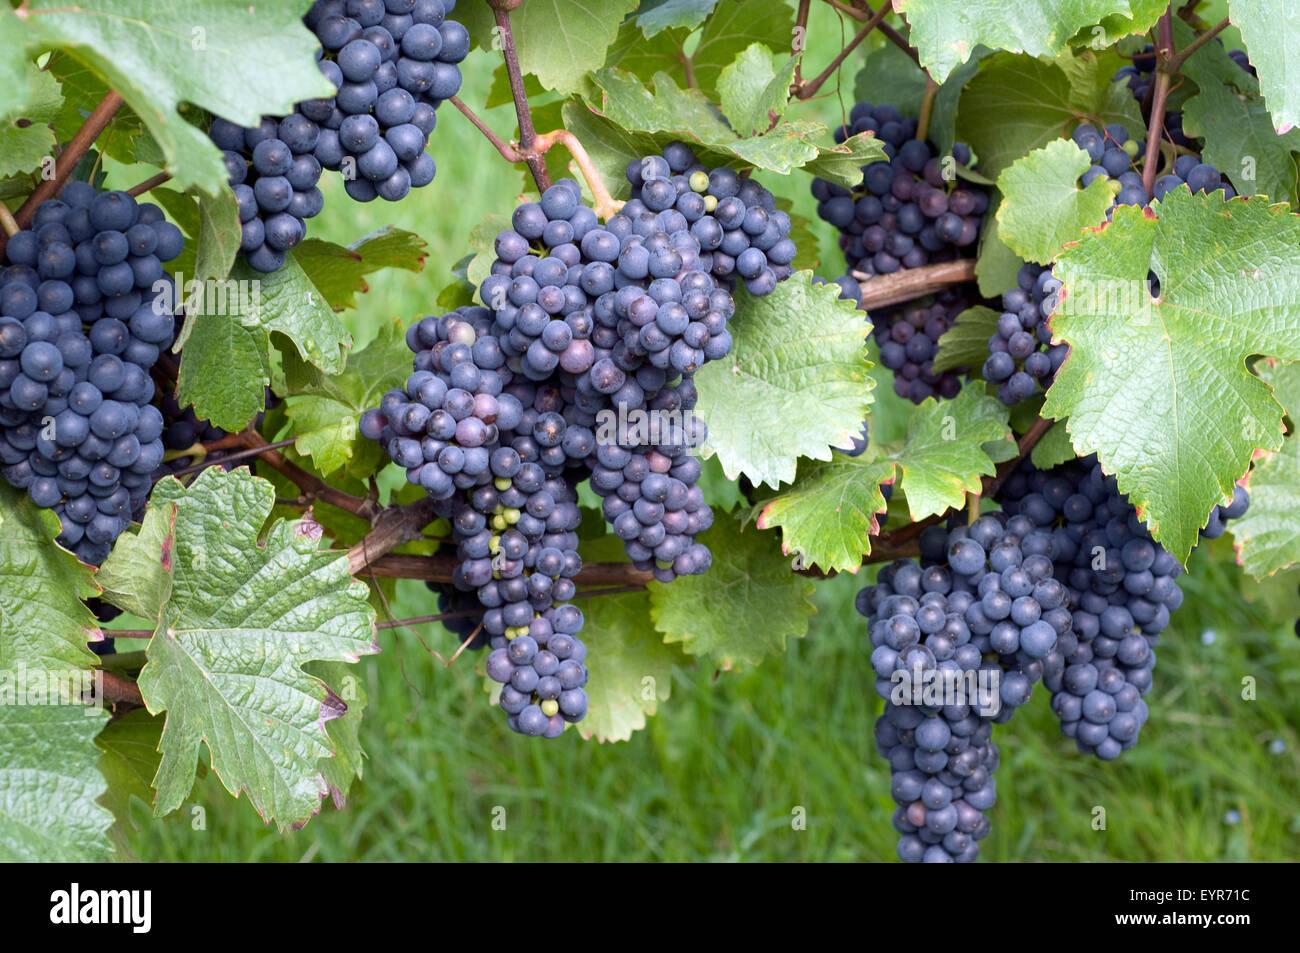 Zweigeltrebe, Blauer Zweigelt, Wein, Weinpflanzen, Reben, Fruechte, Beeren, Obst,- Stockbild